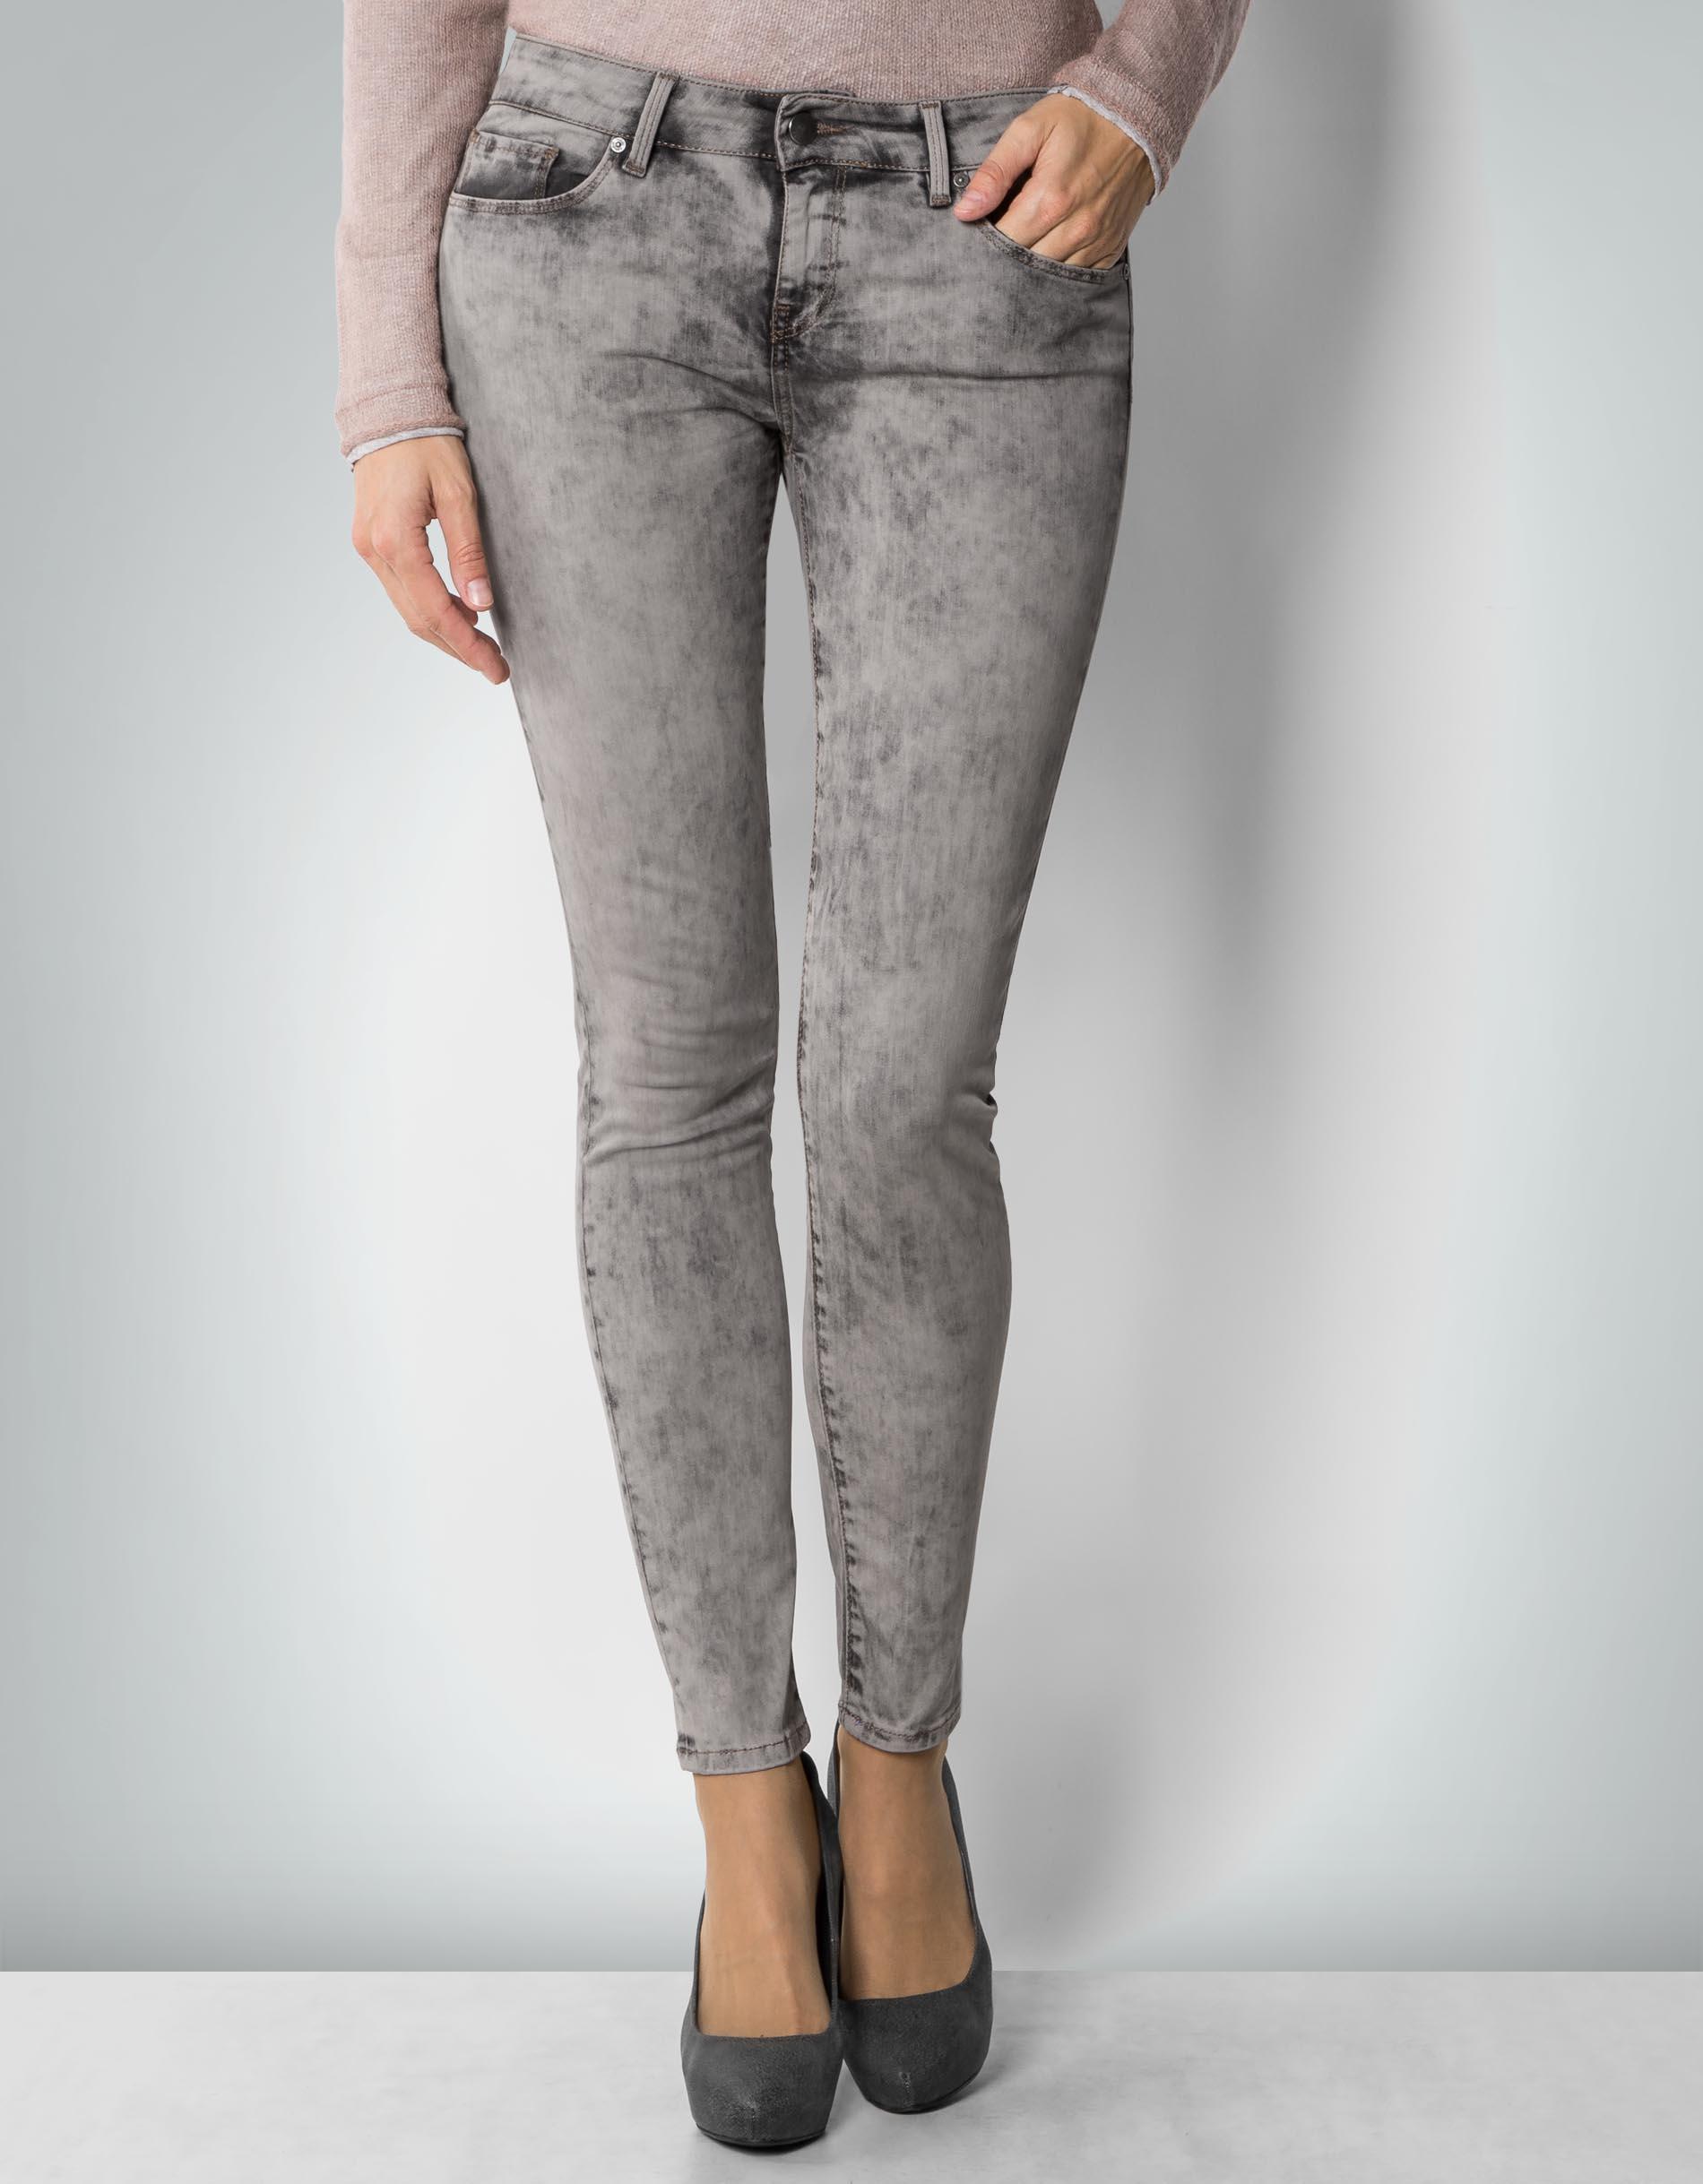 tommy hilfiger damen jeans como in jegging fit empfohlen. Black Bedroom Furniture Sets. Home Design Ideas